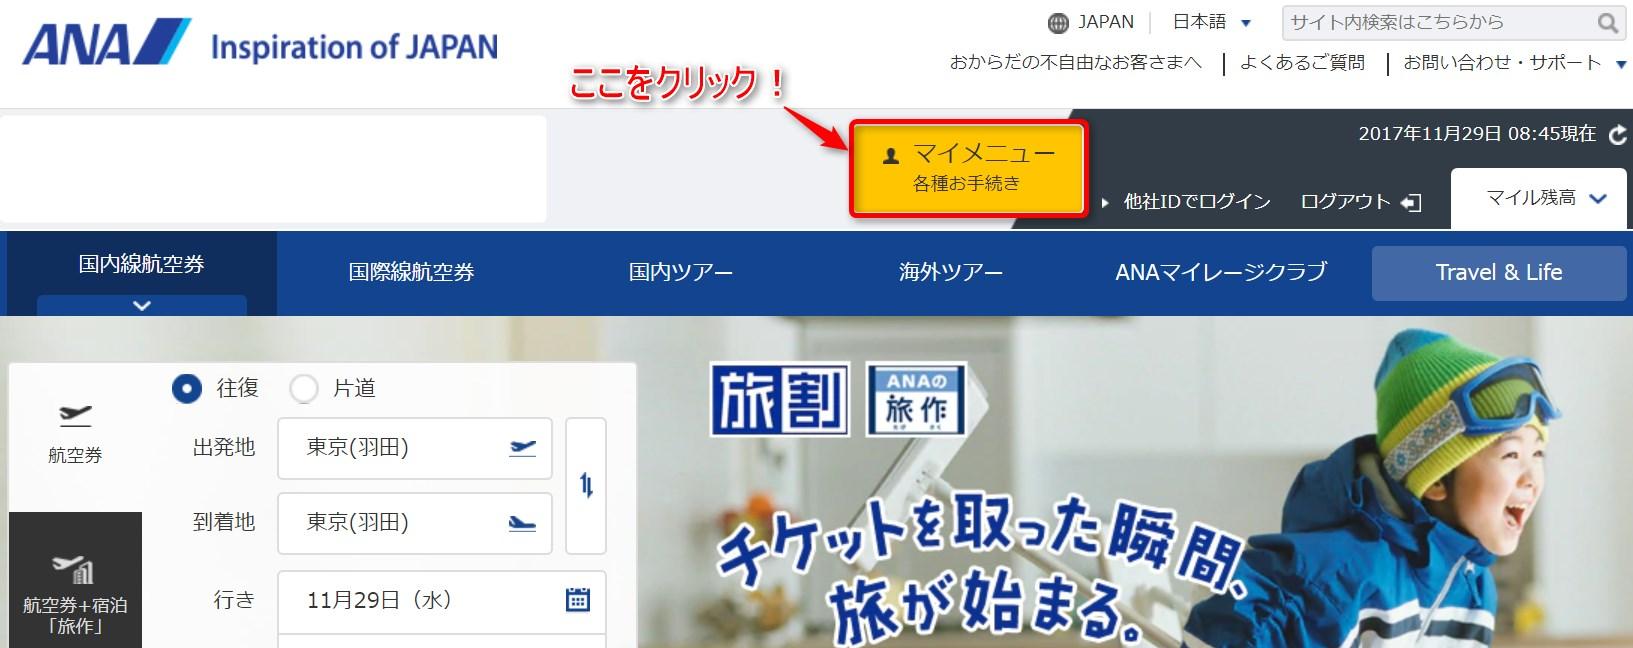 ANAマイルの事後登録のためにホームページにアクセス